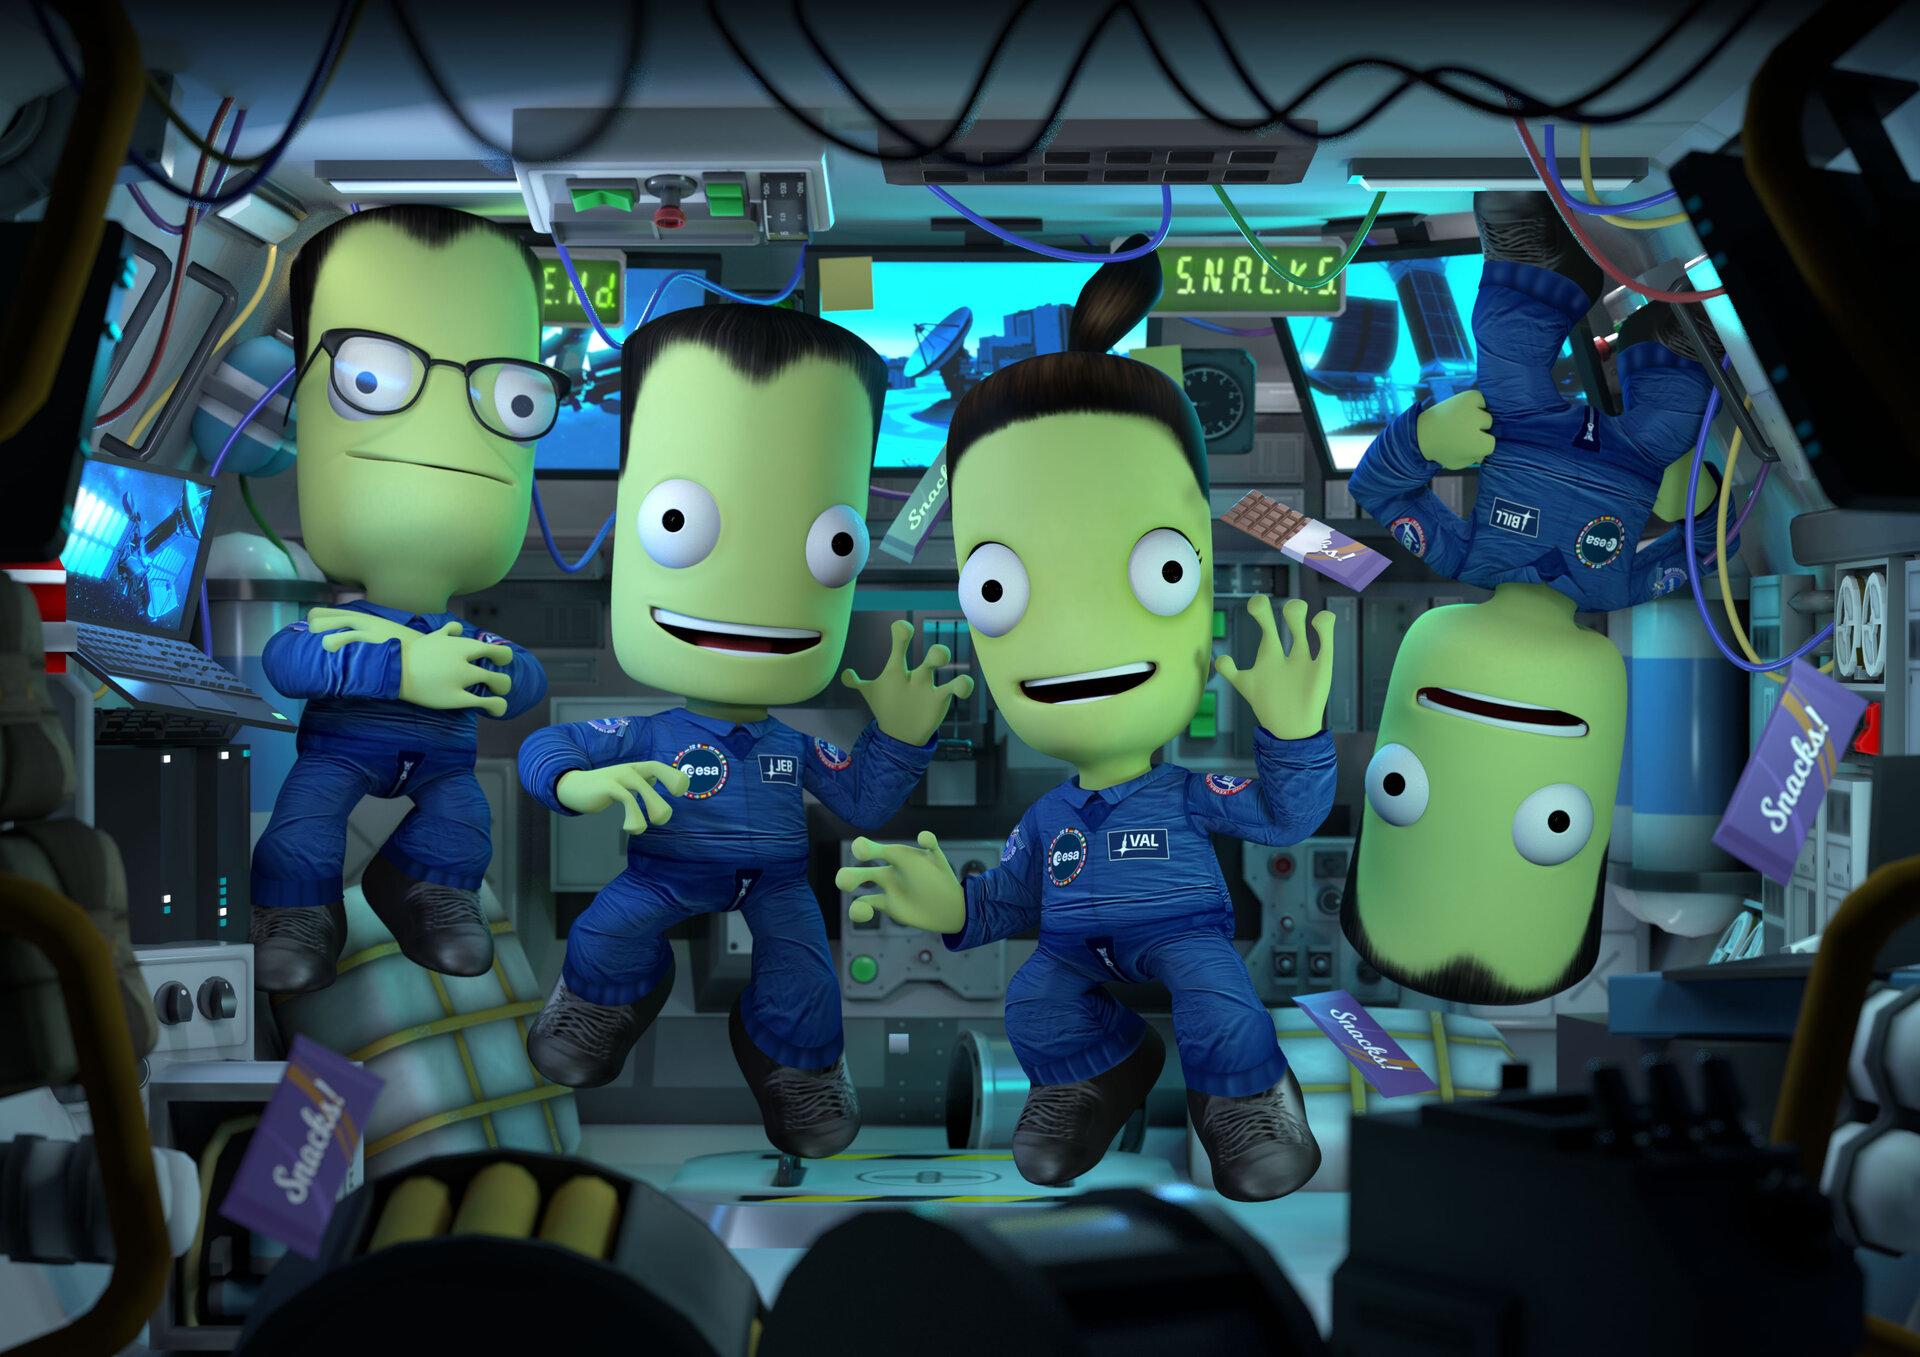 kerbal-space-program:-dieci-anni-di-voli-spaziali-insegnati-da-un-videogioco